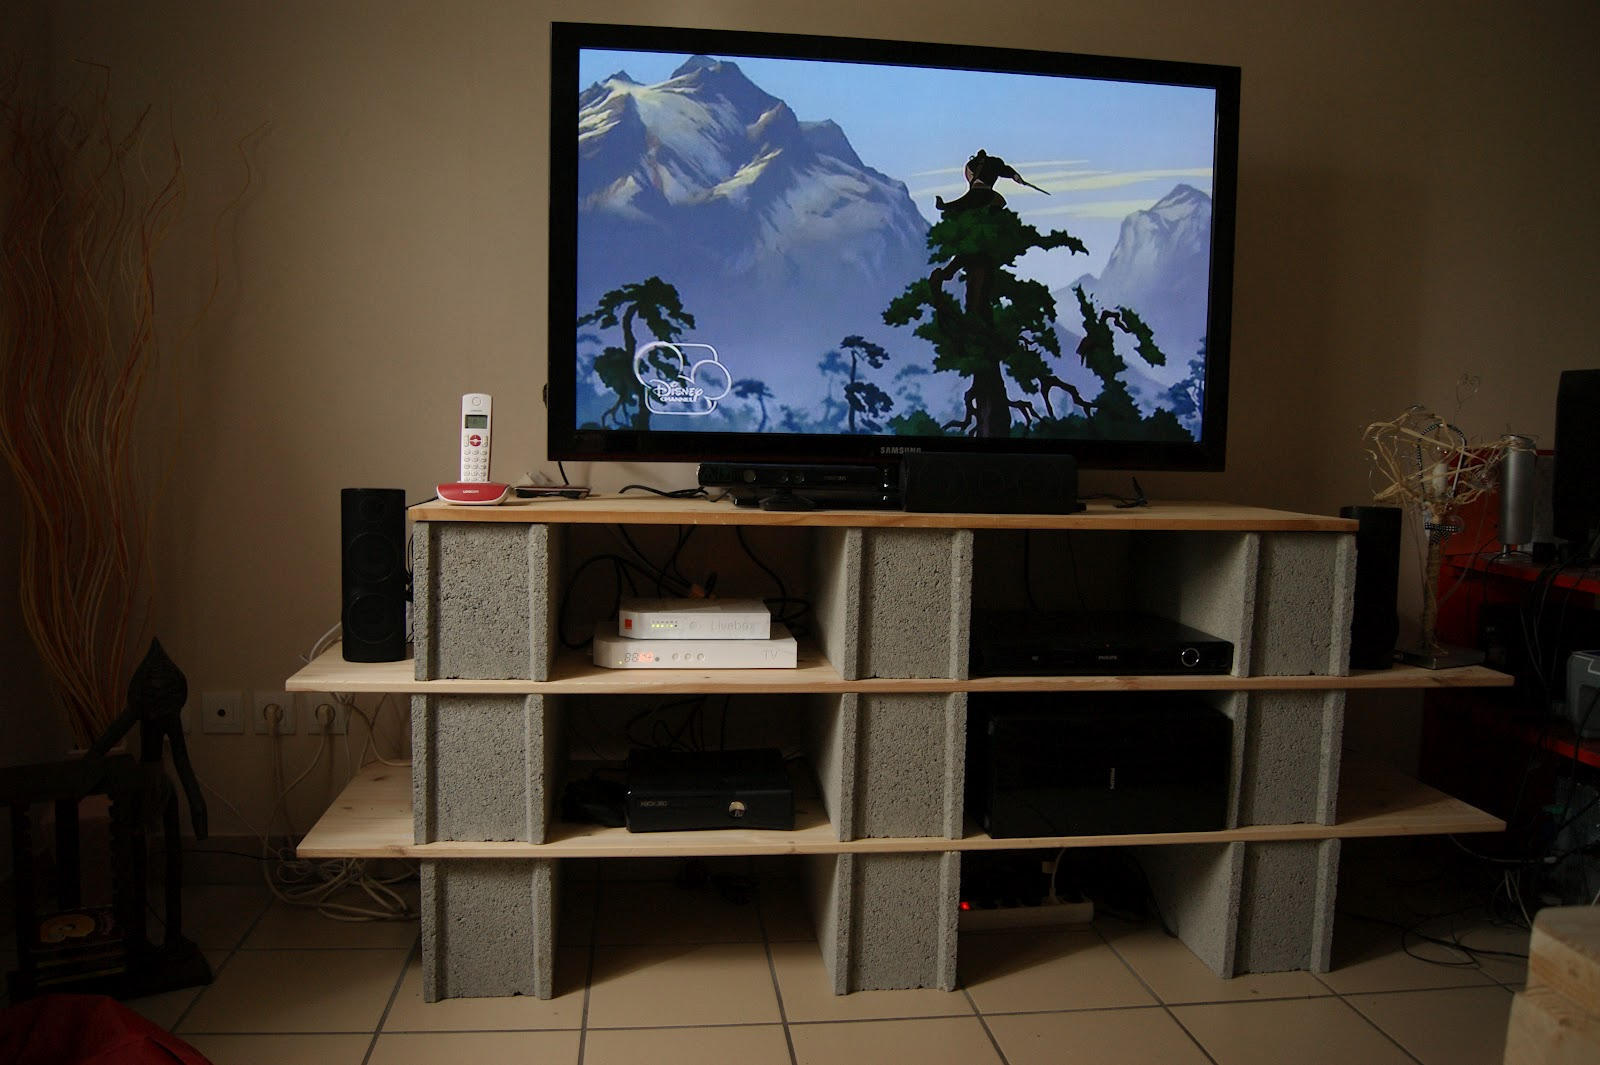 Meuble Tv Avec Parpaing - Meuble Tv Avec Des Parpaings Solutions Pour La D Coration [mjhdah]https://i.pinimg.com/originals/f0/76/8f/f0768f2bab0de083da282a8f65199f6e.jpg